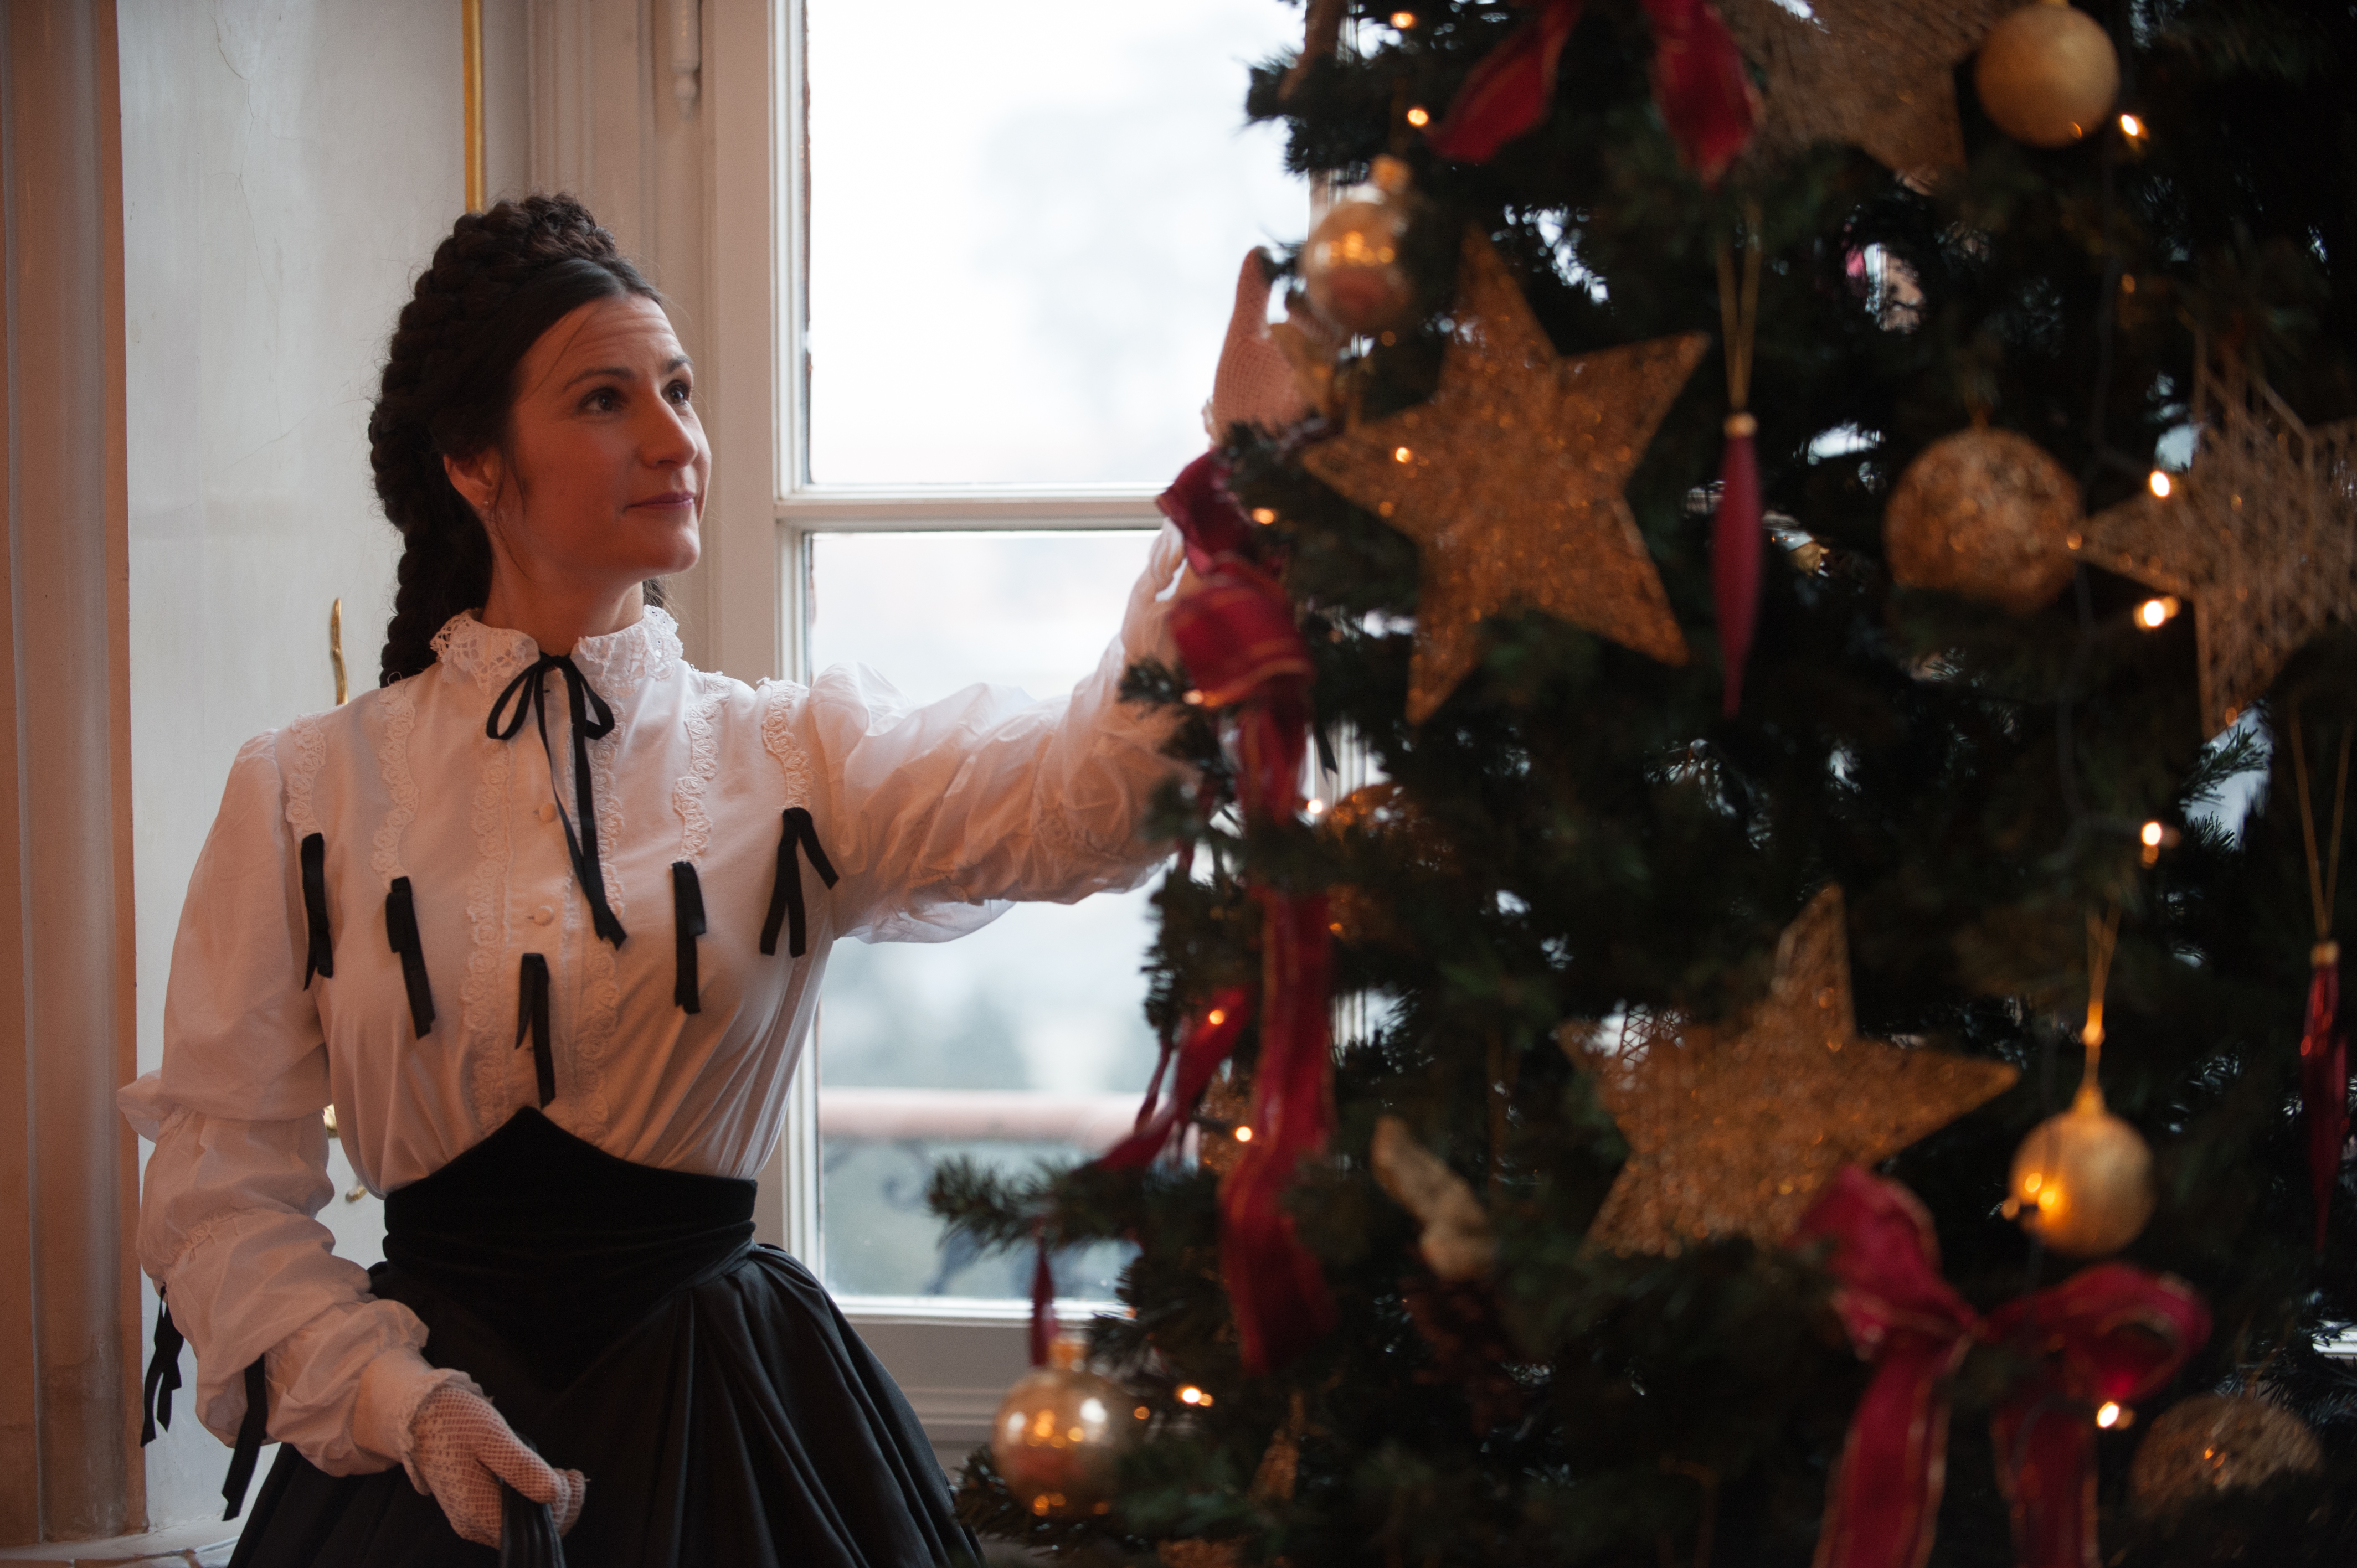 Der Weihnachten.Sisi S Geburtstag Warum Verbrachte Die Kaiserin Die Weihnachten In